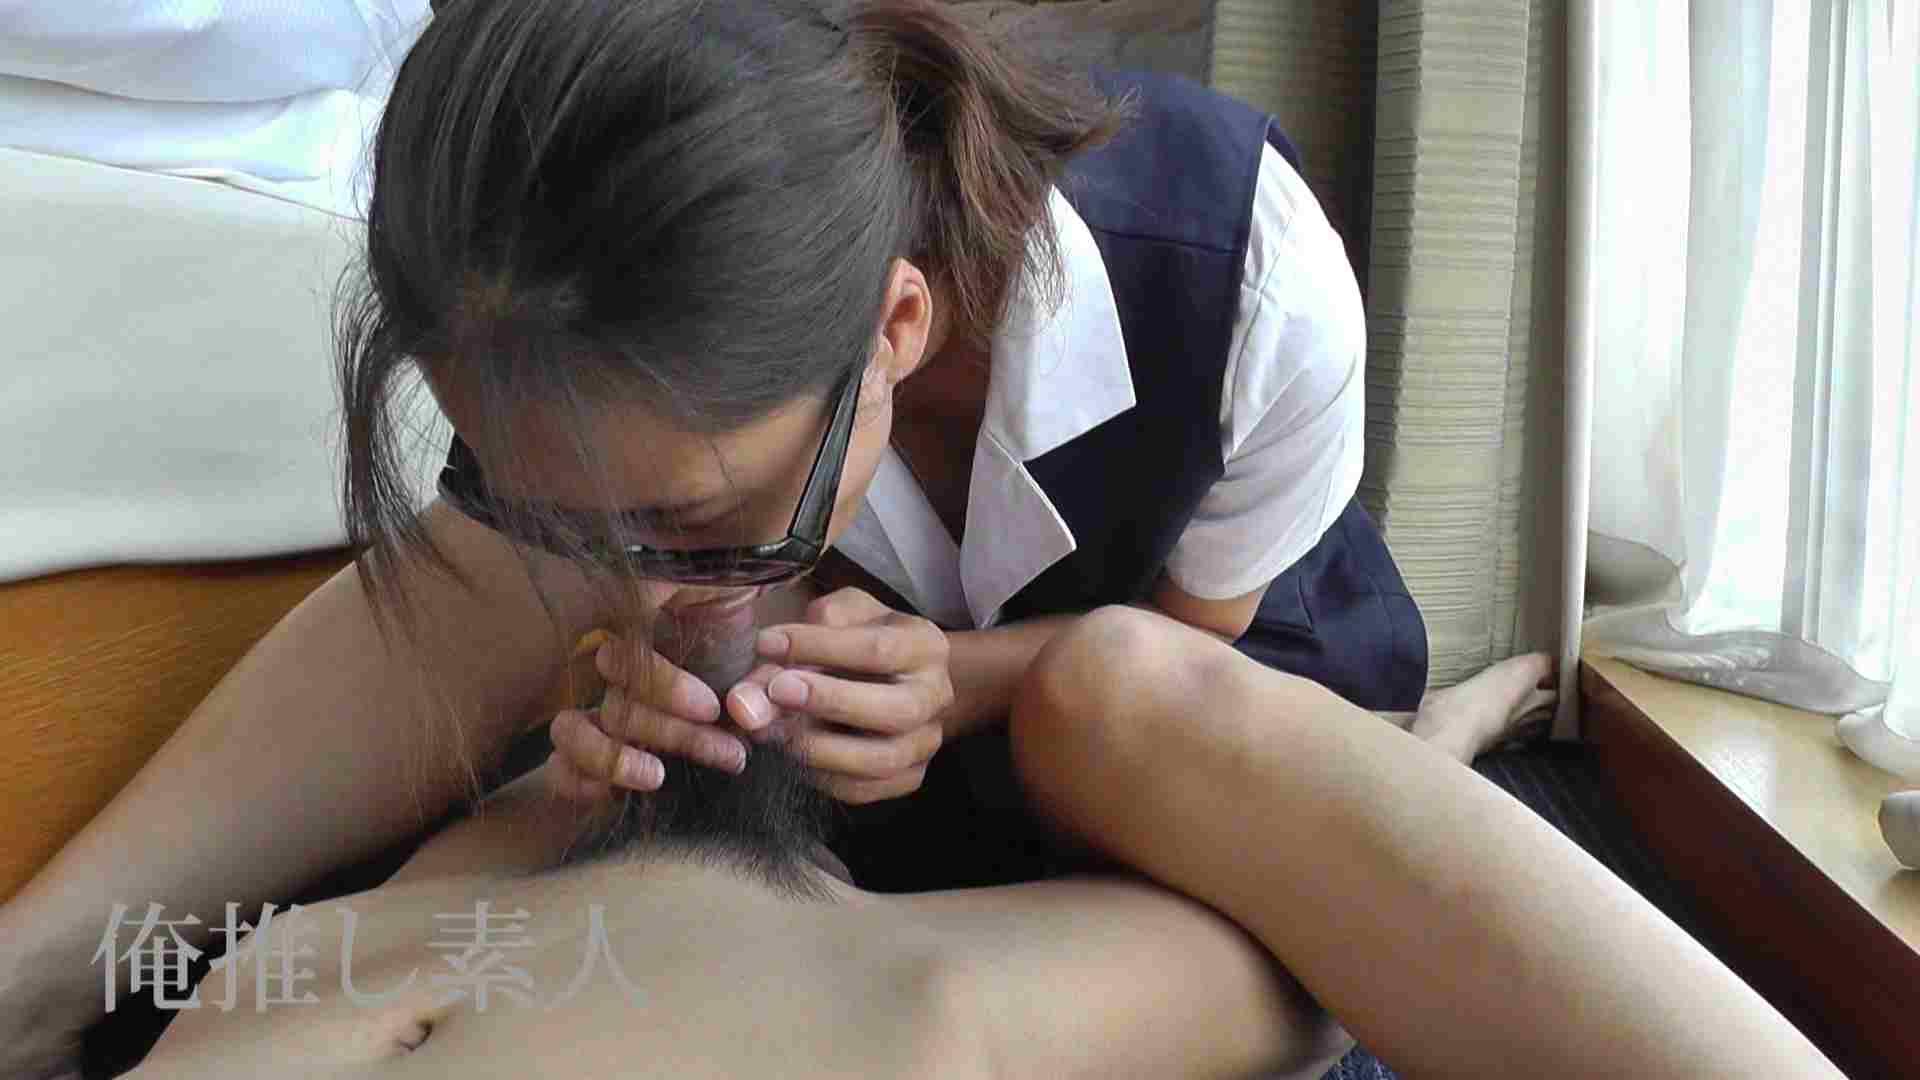 俺推し素人 30代人妻熟女キャバ嬢雫 おっぱい特集  106pic 64